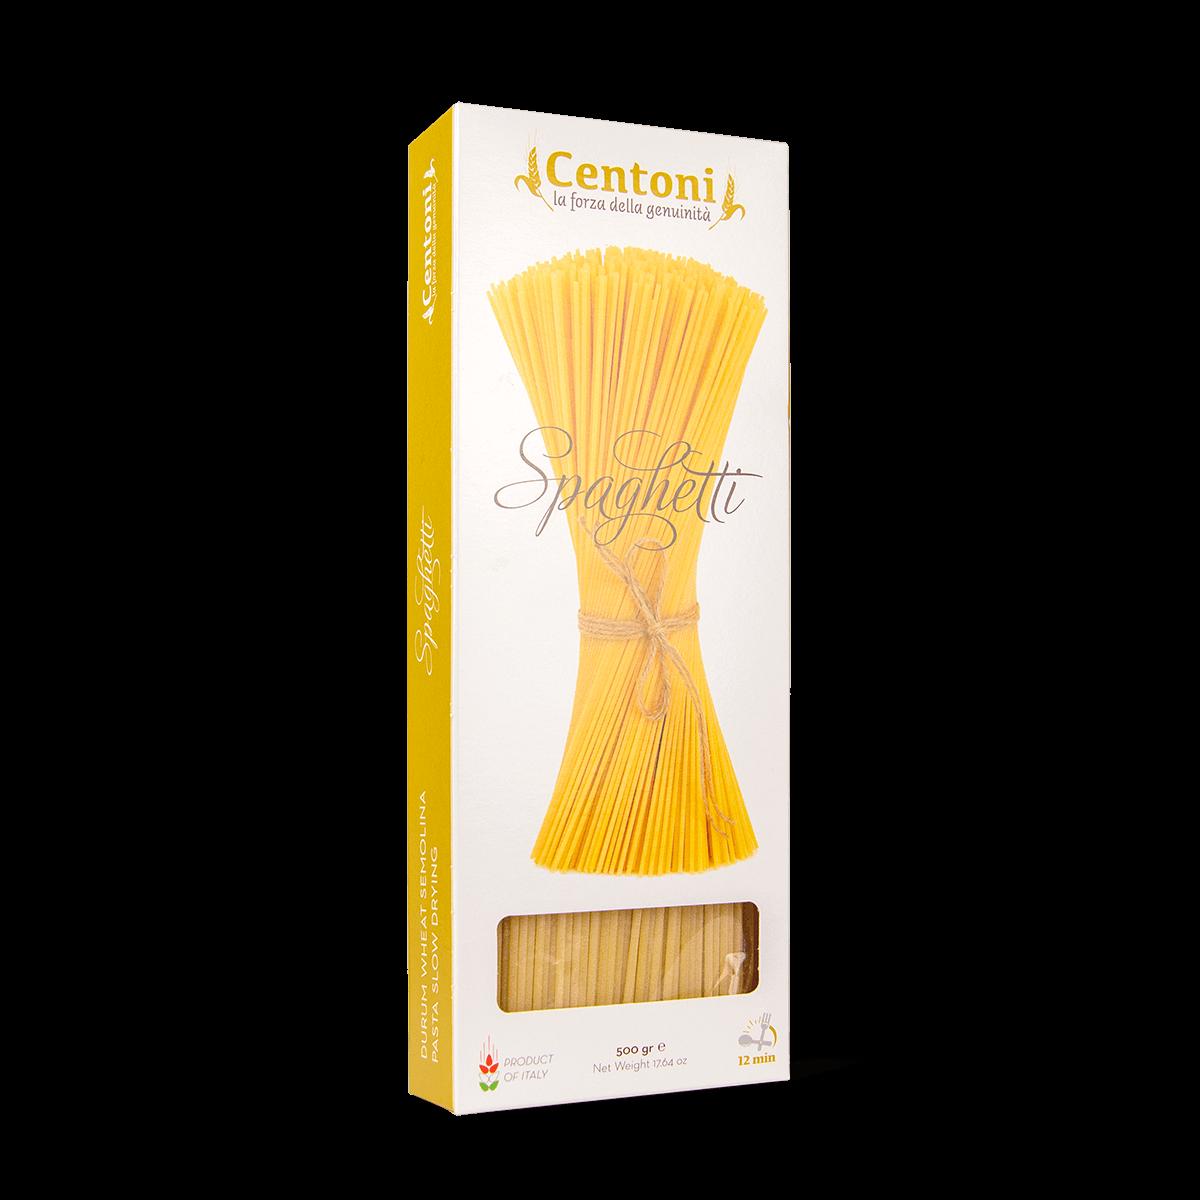 centoni spaghetti